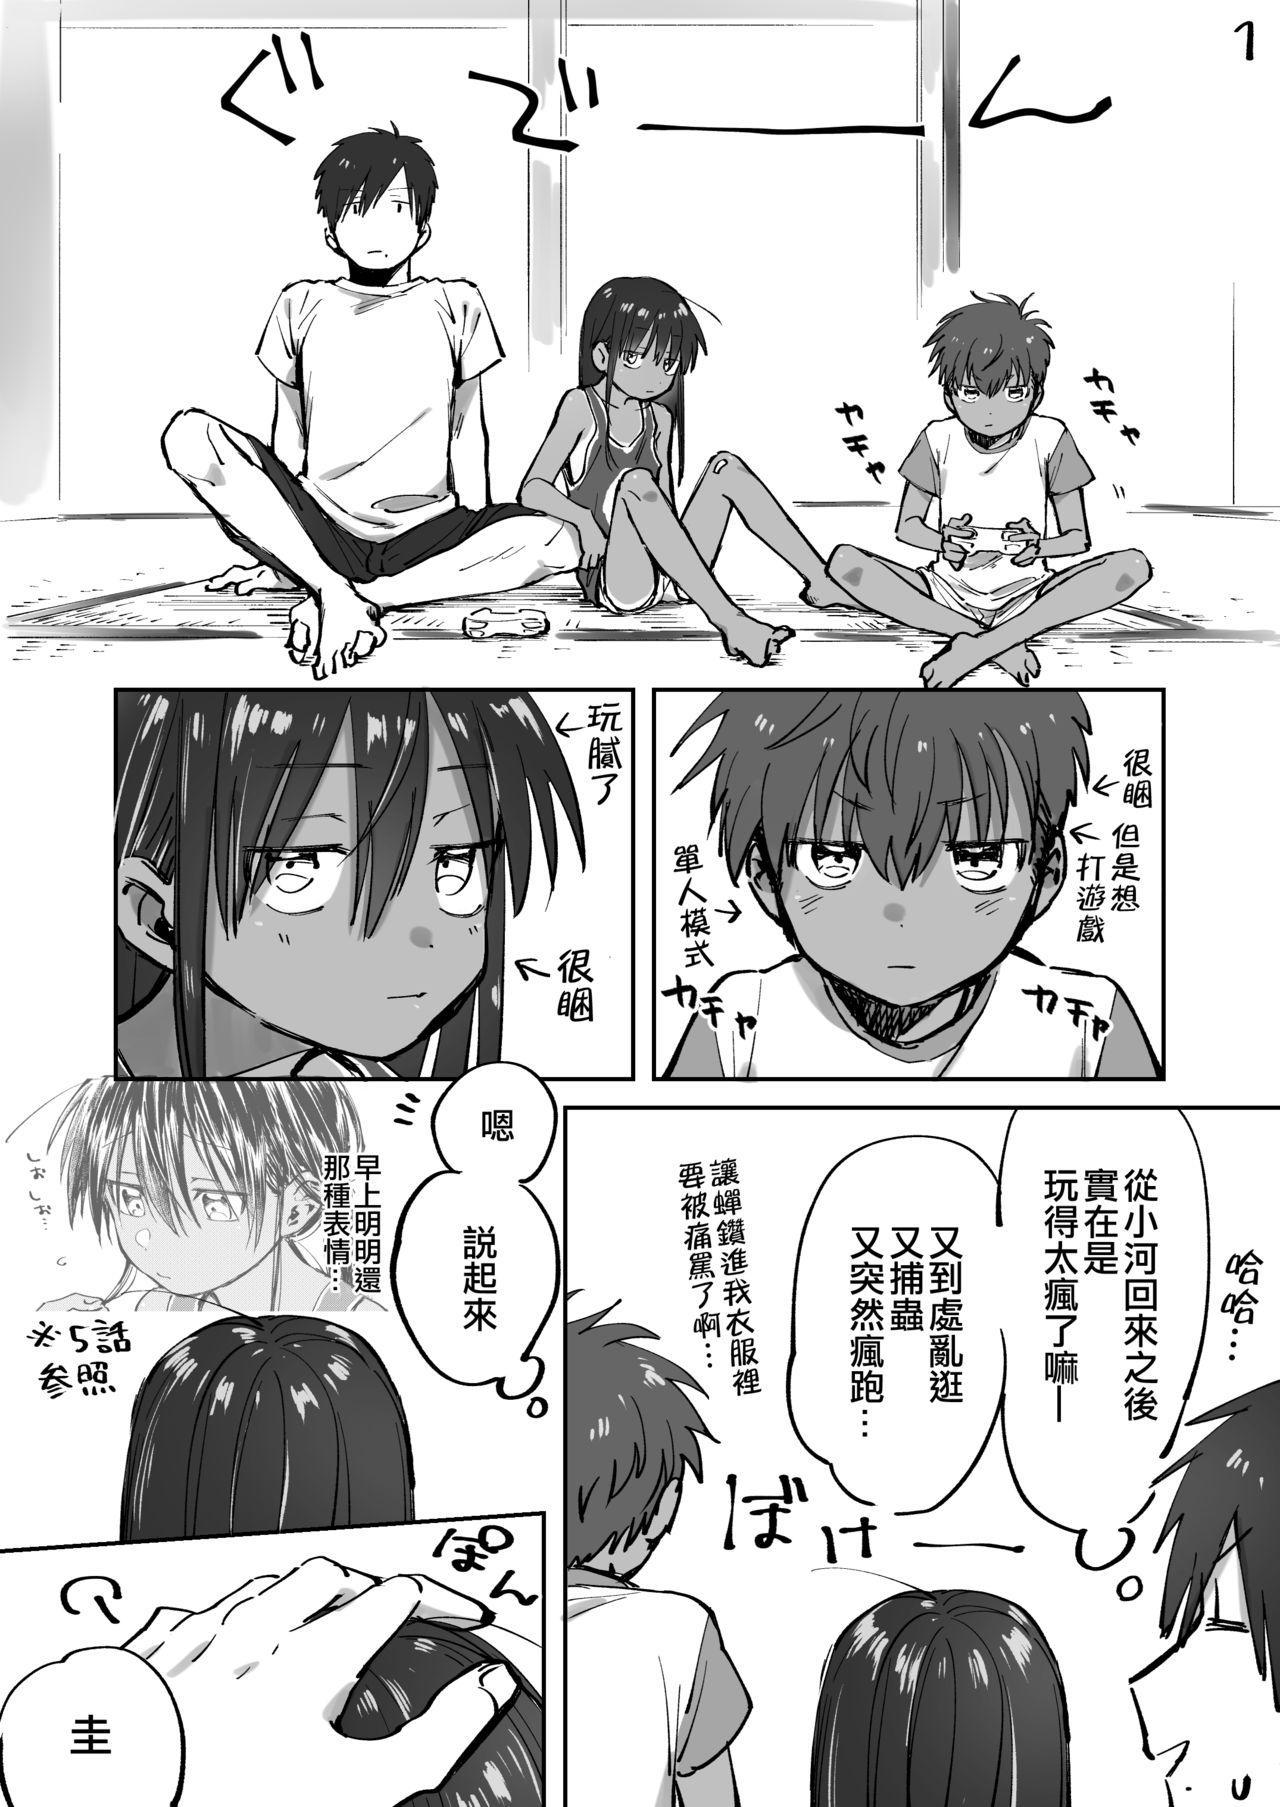 Inaka ni Kaeru to Yakeni Jiben ni Natsuita Kasshoku Ponytail Shota ga Iru 29